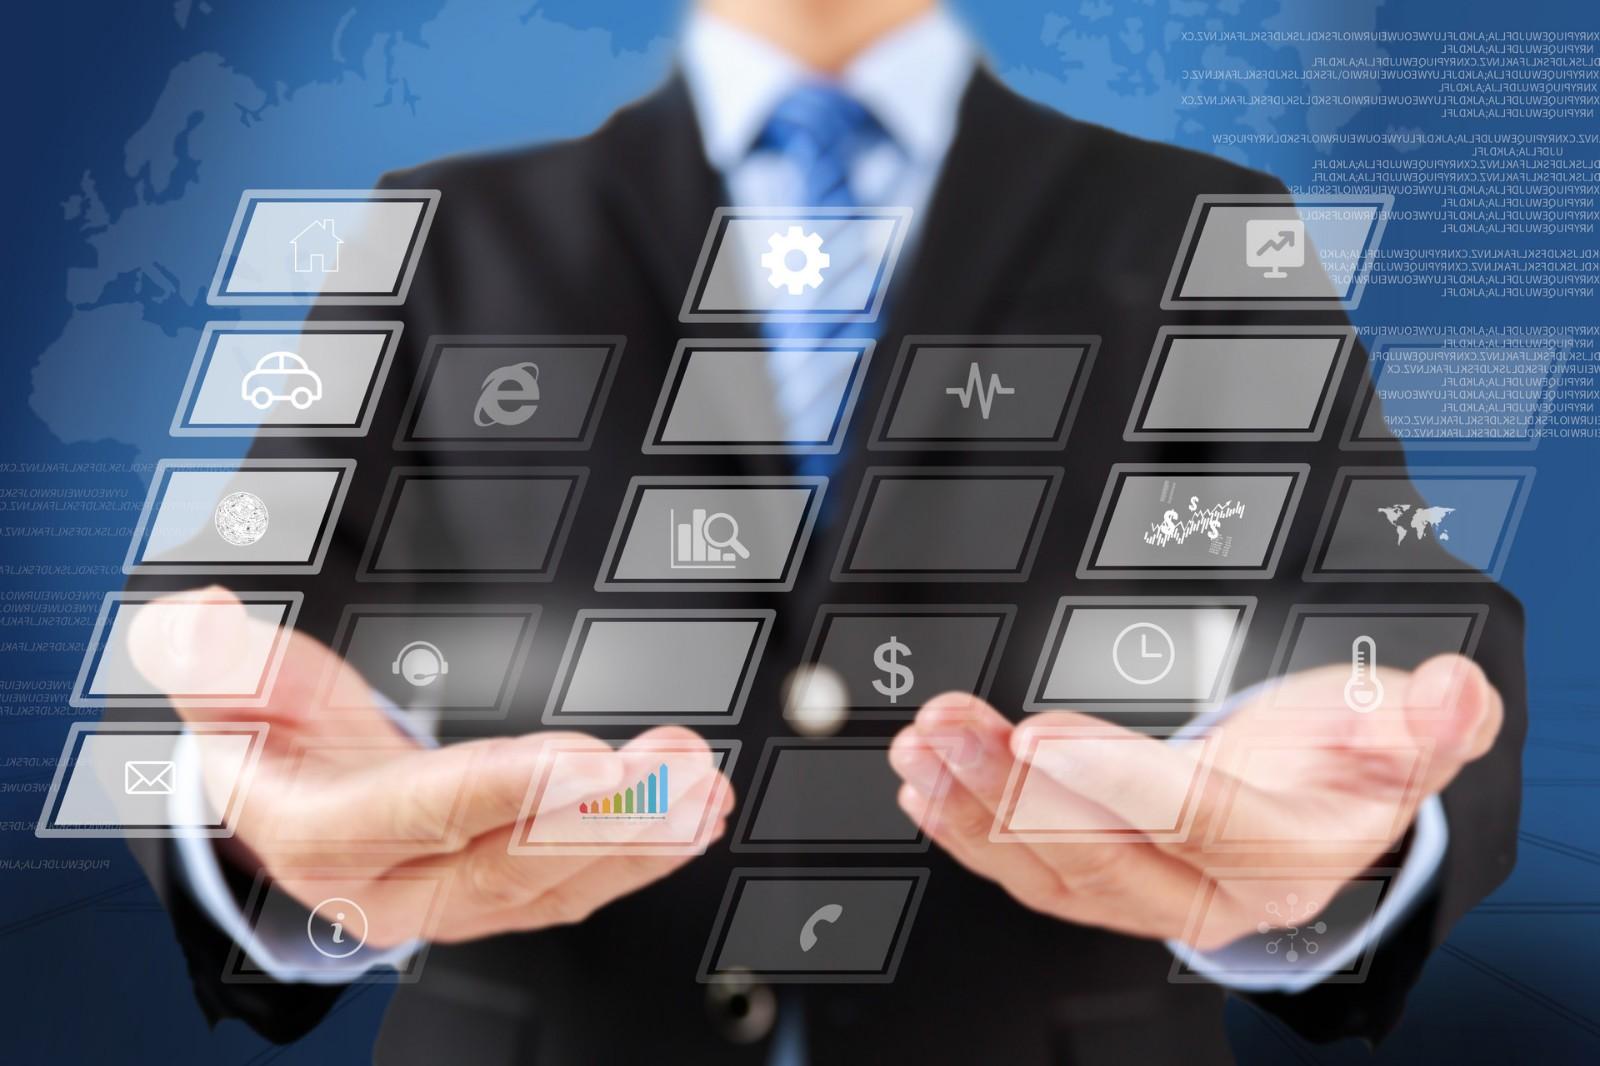 犀牛云分享:外贸网站建设如何做可以有效促进交易量?